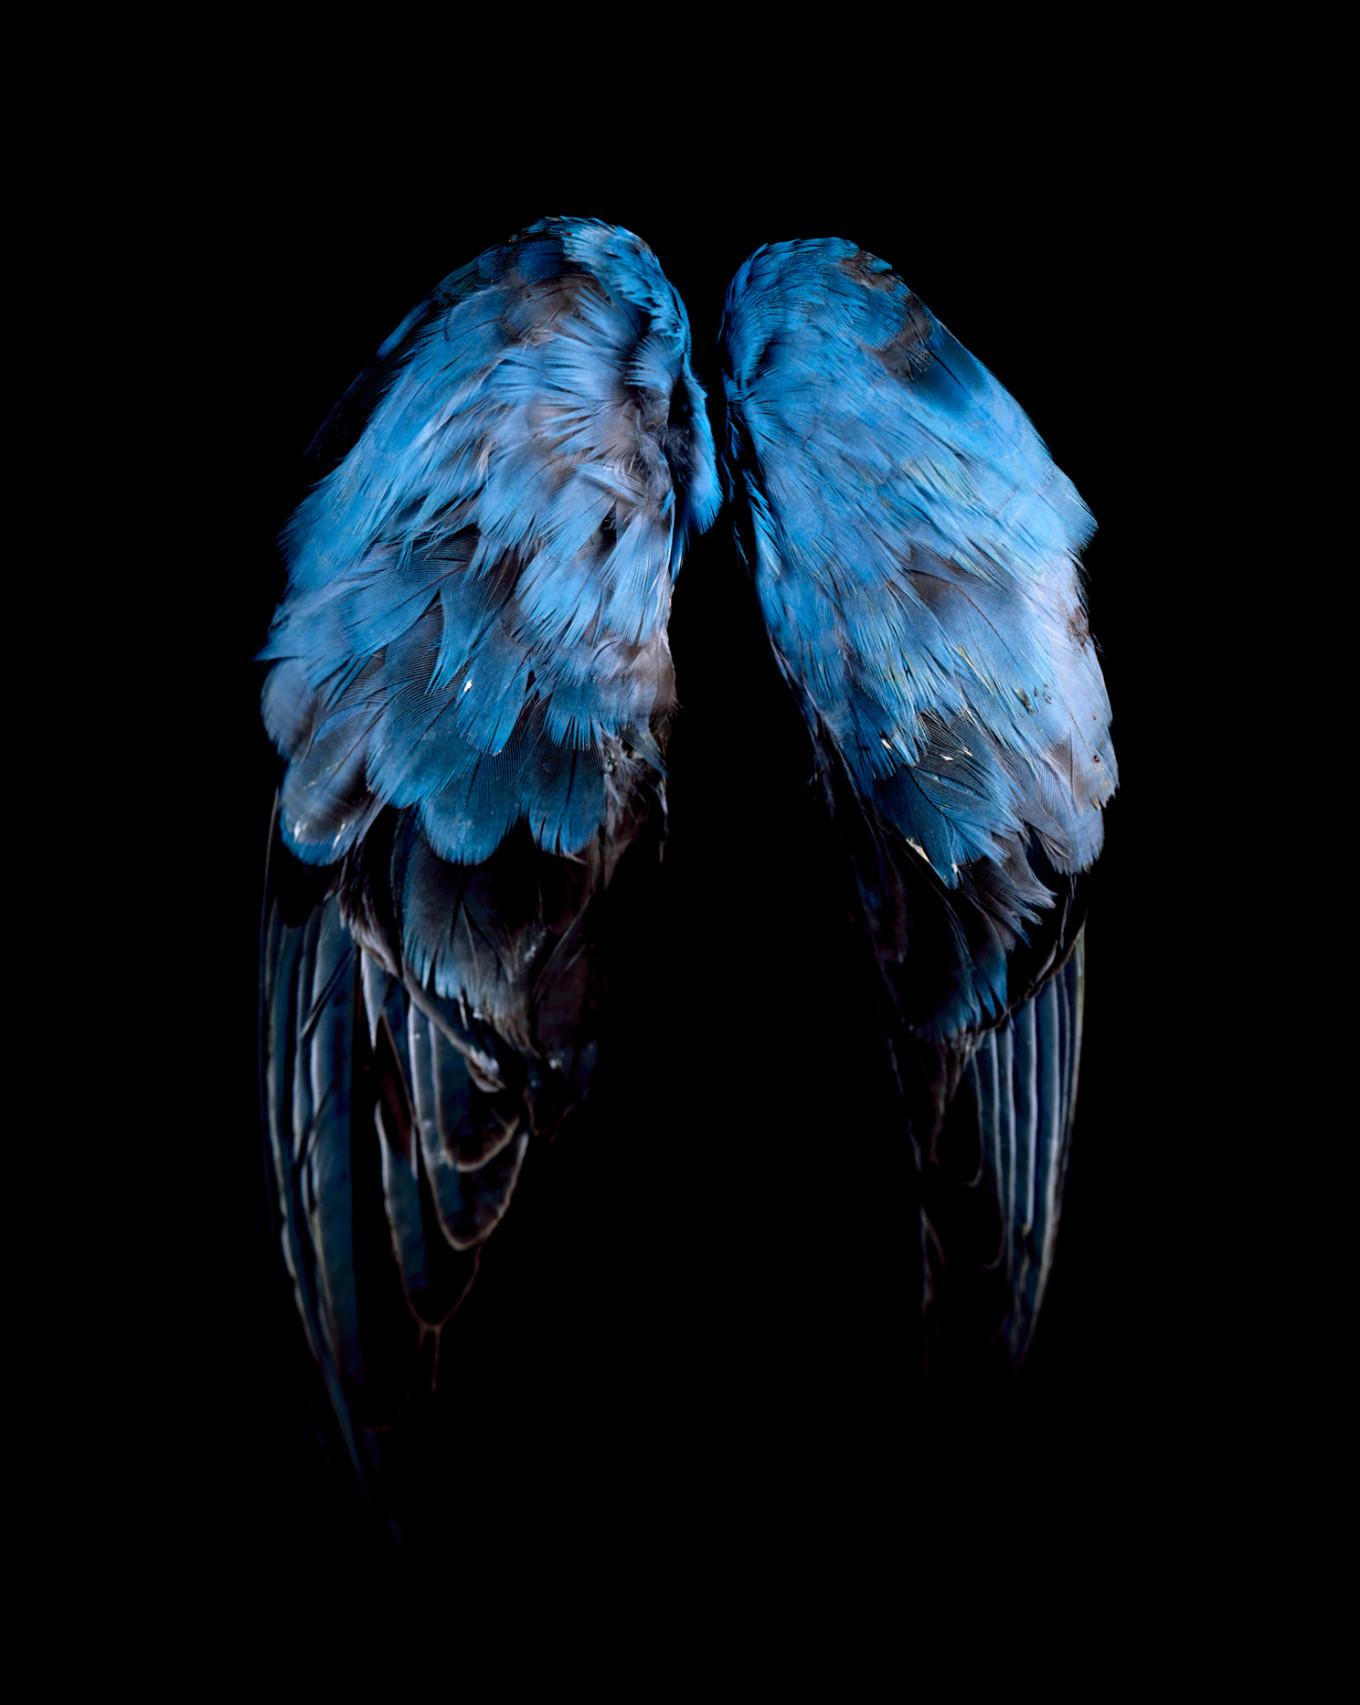 (blue, blue, grey)